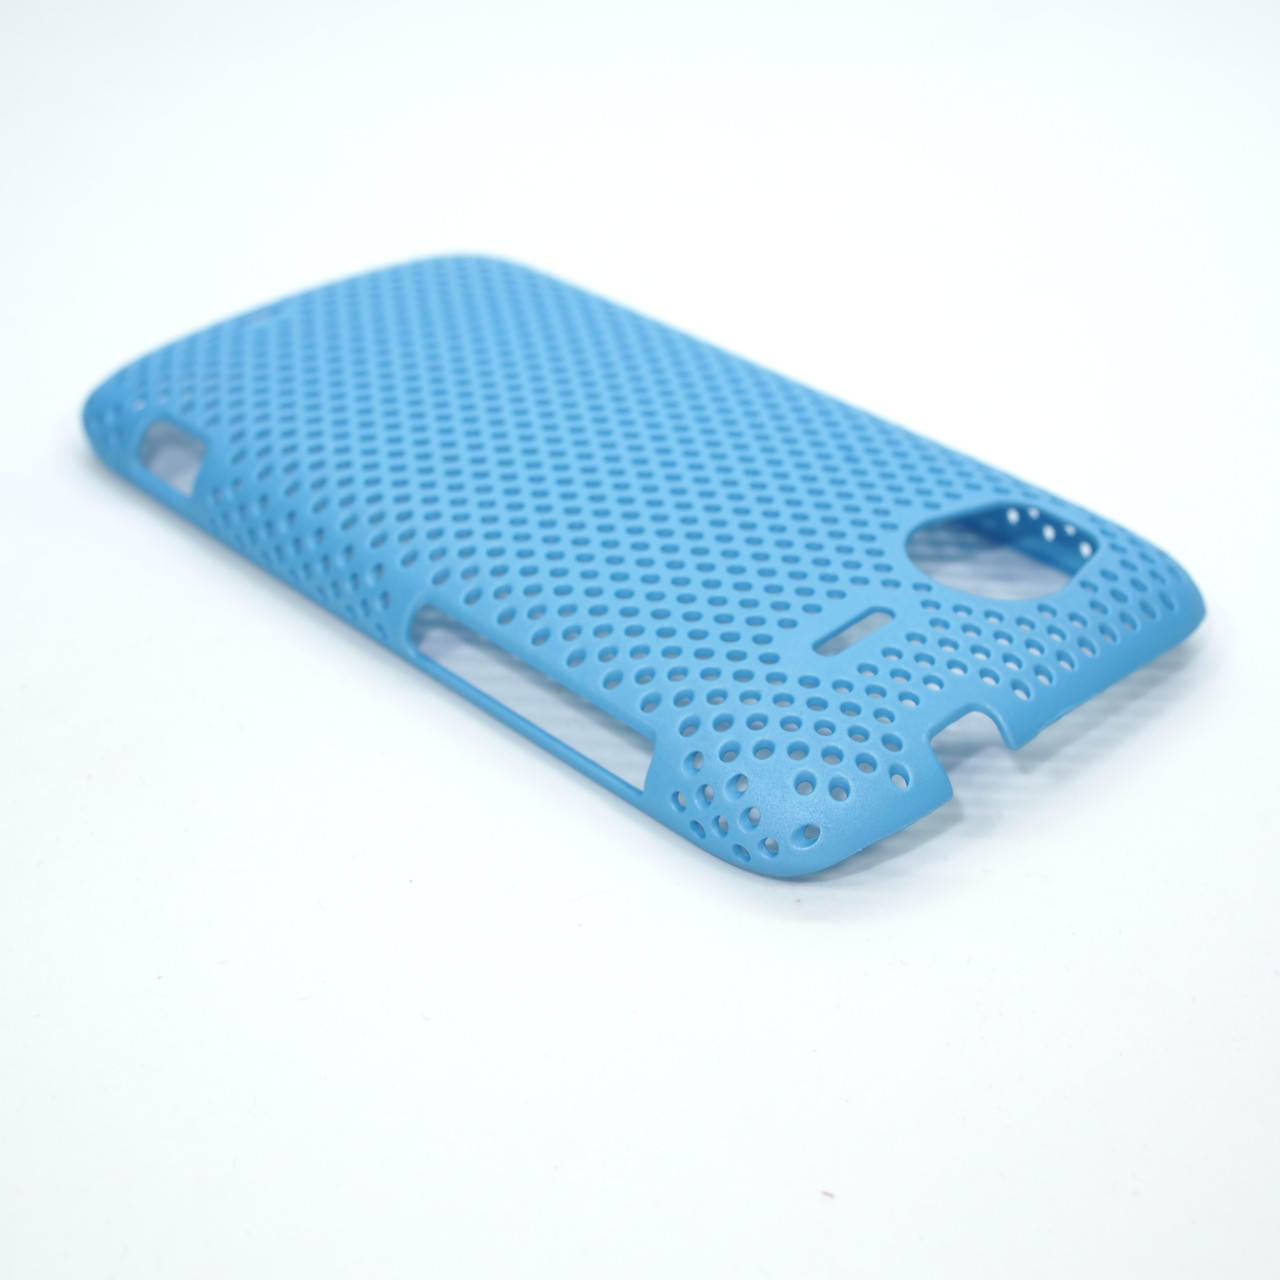 Чехол сетка HTC Sensation light-blue Для телефона Голубой